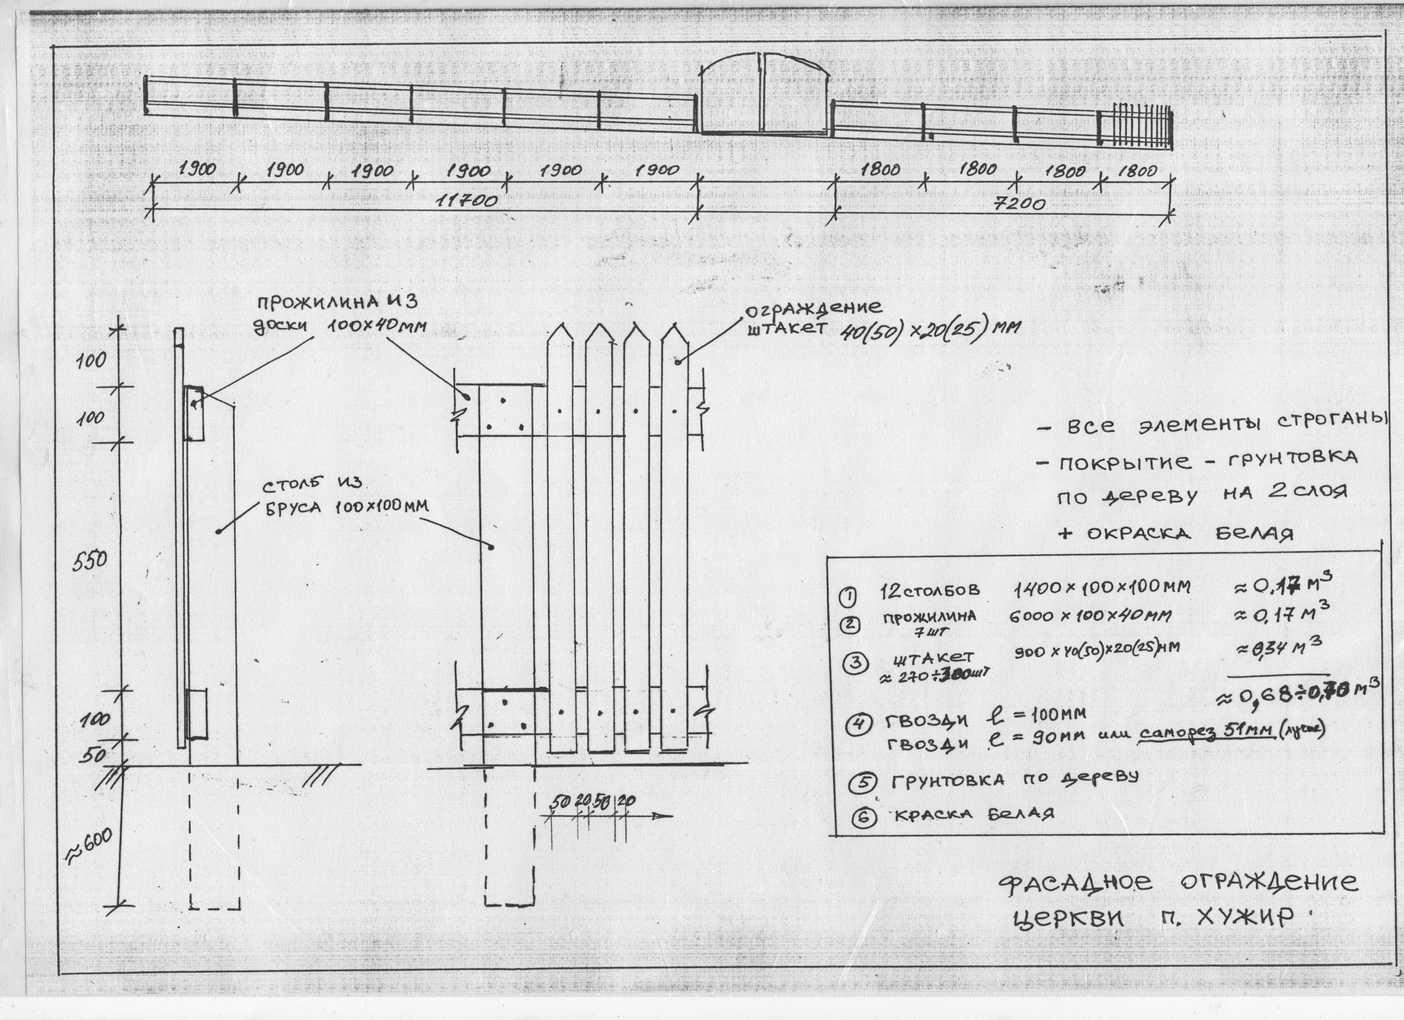 Схема фасадного ограждения, расходный материал